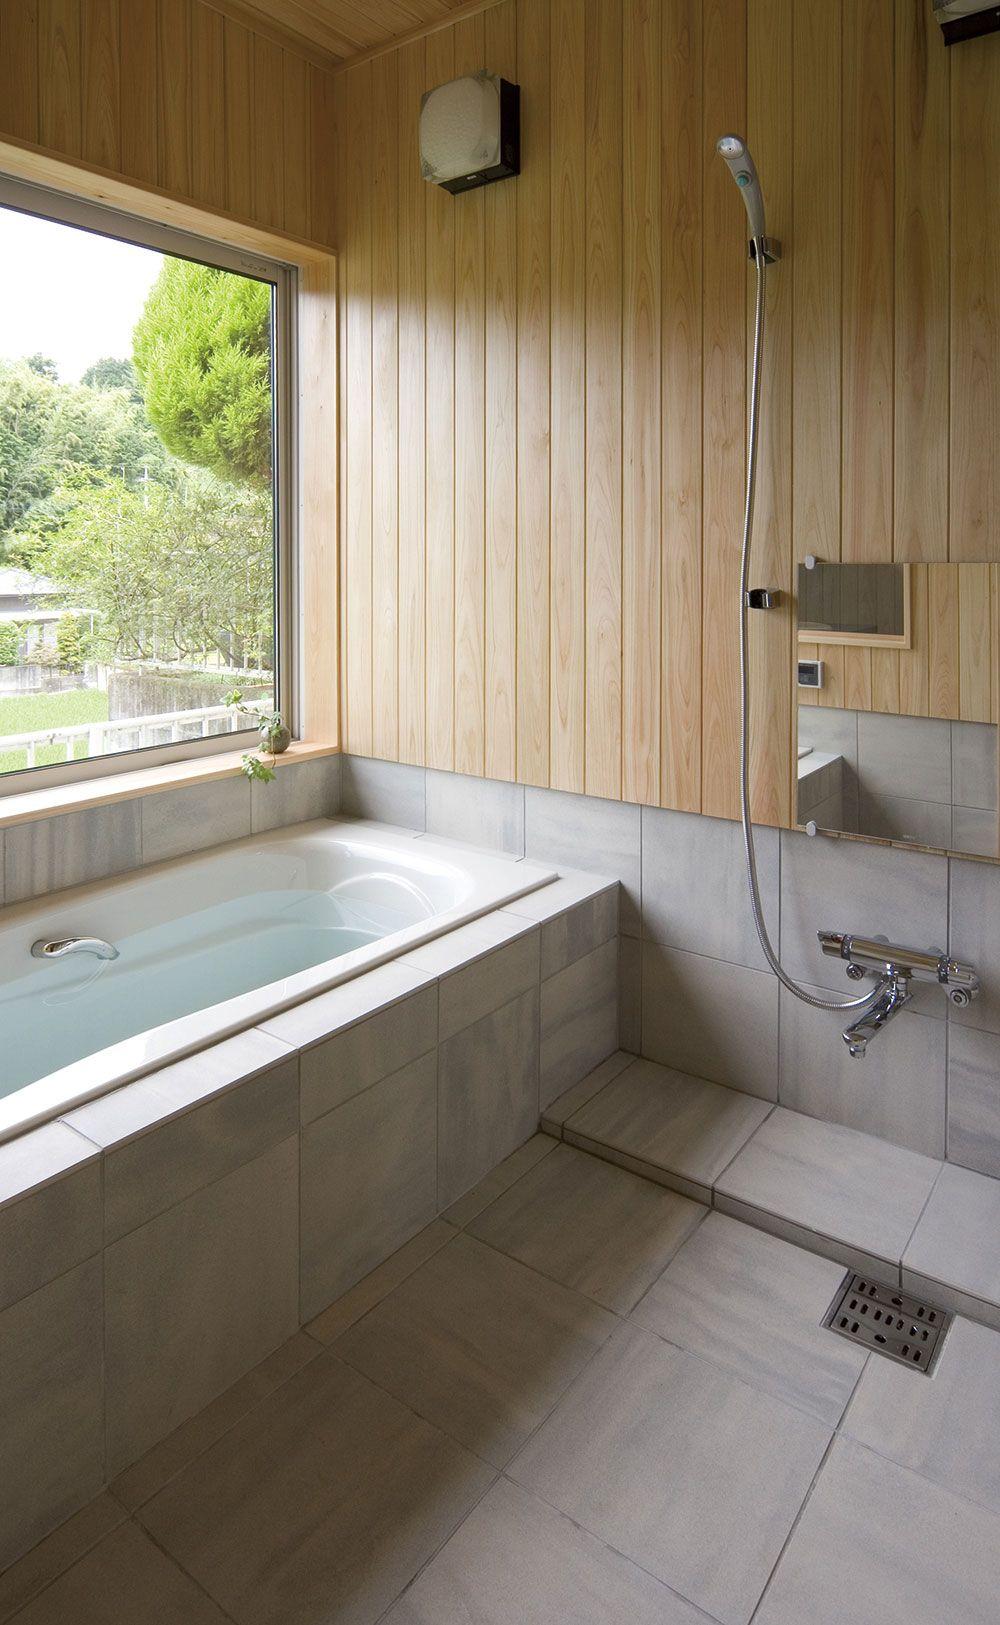 洗面 バス トイレ ギャラリー 新進建設株式会社 シンプル バスルーム 浴室の改装 浴室 インテリア